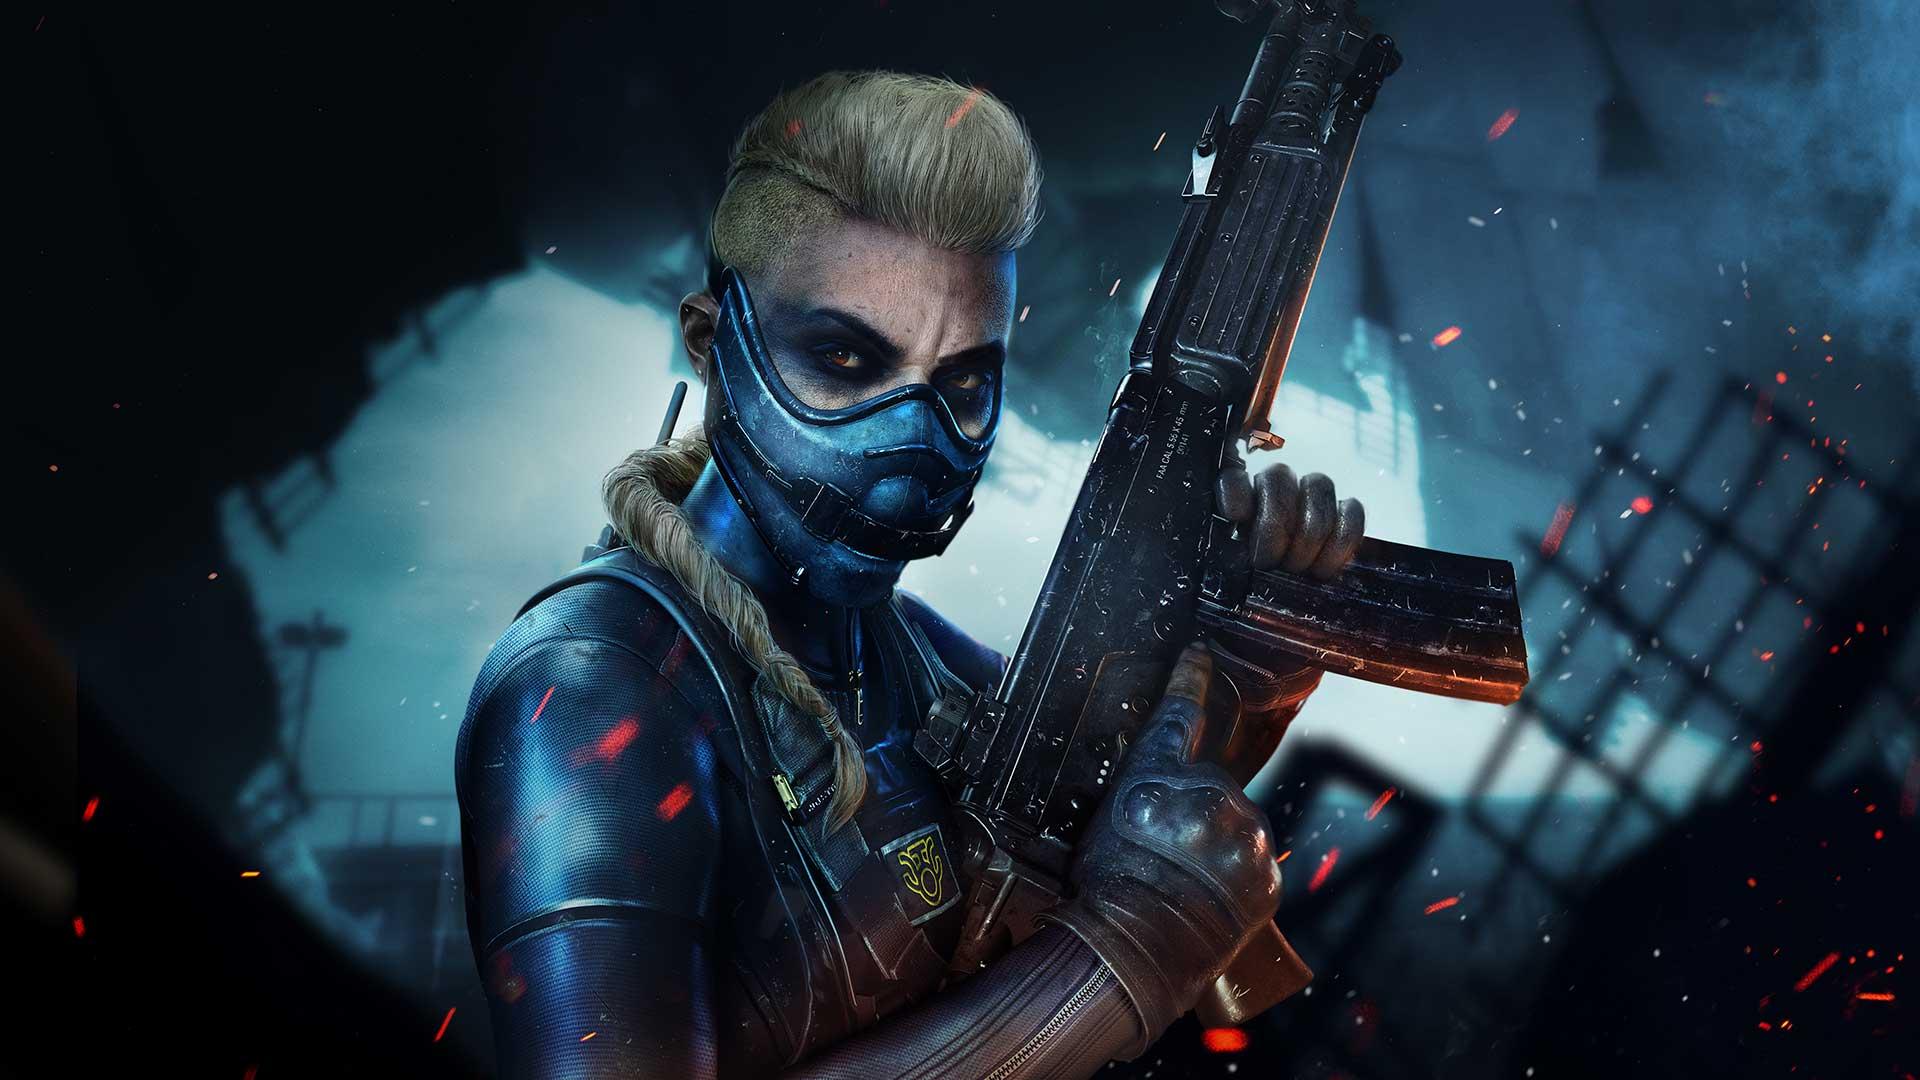 Wraith, a vilã e personagem destaque da season 3 de warzone